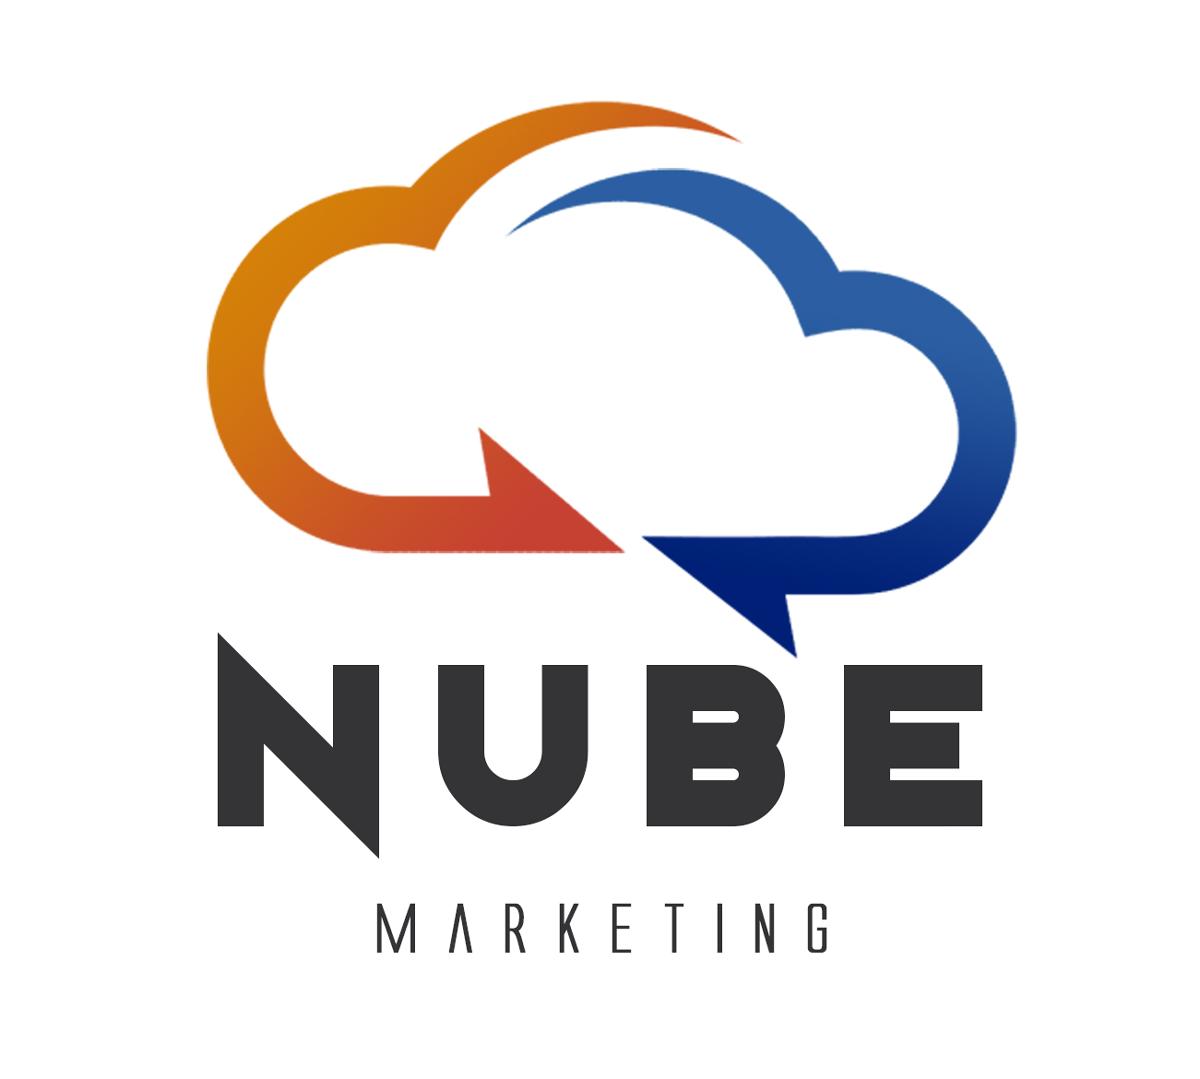 Nube Design